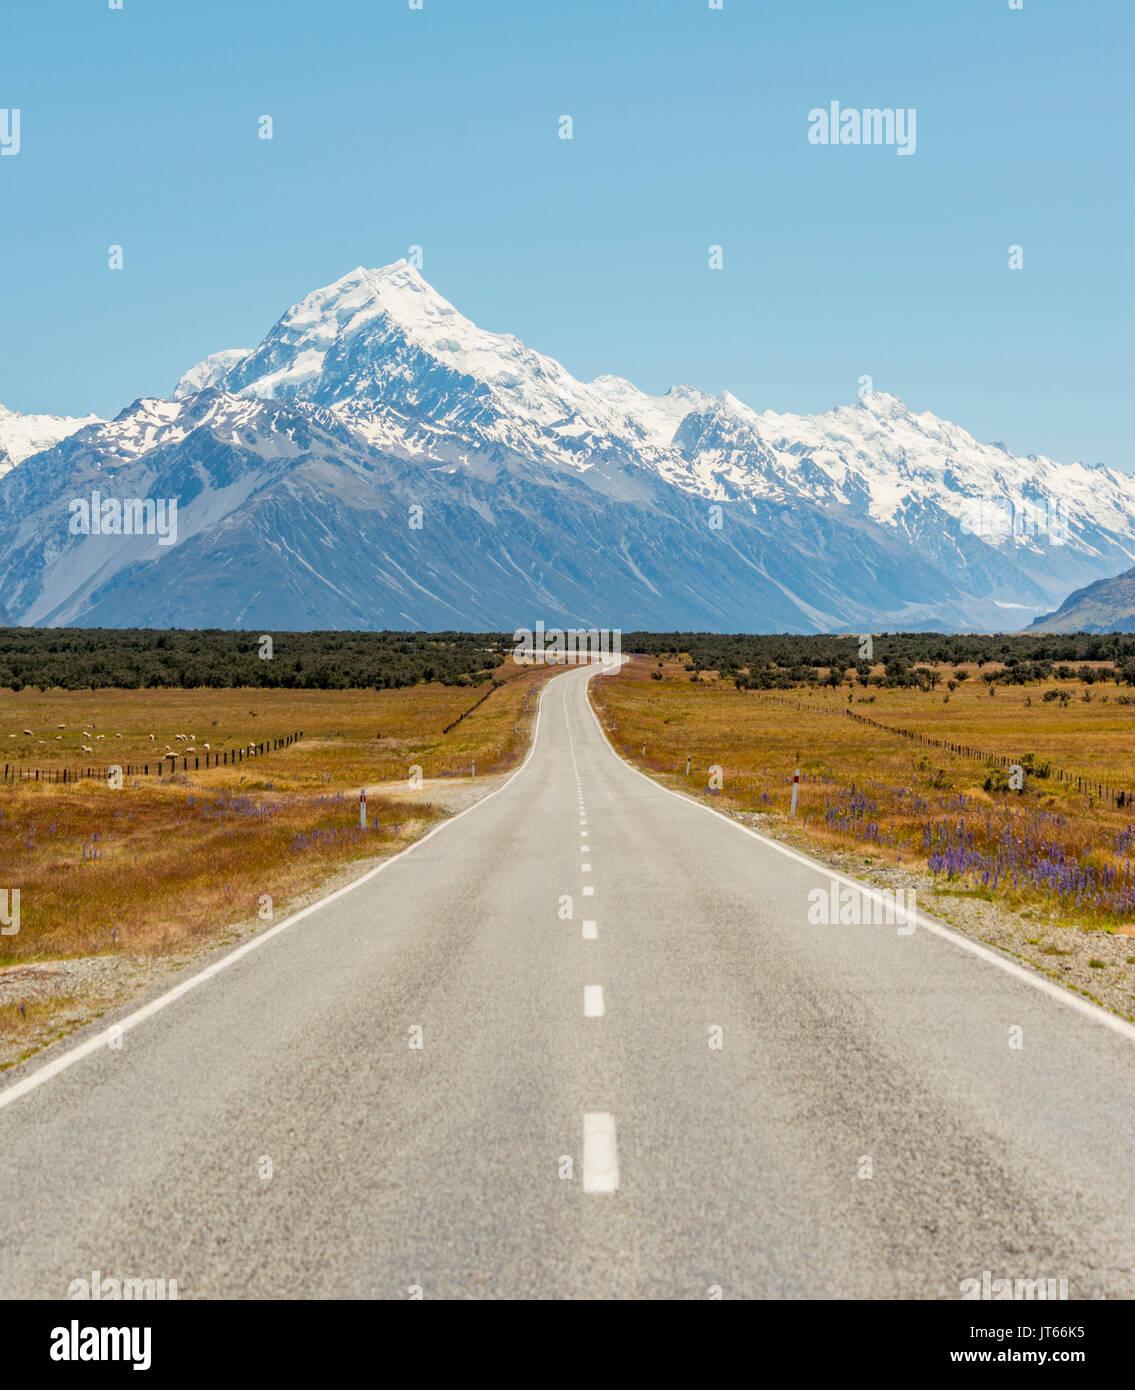 Straße mit Blick auf den Mount Cook, Snowy Mountains, Mount Cook National Park der südlichen Alpen, Canterbury, Stockfoto